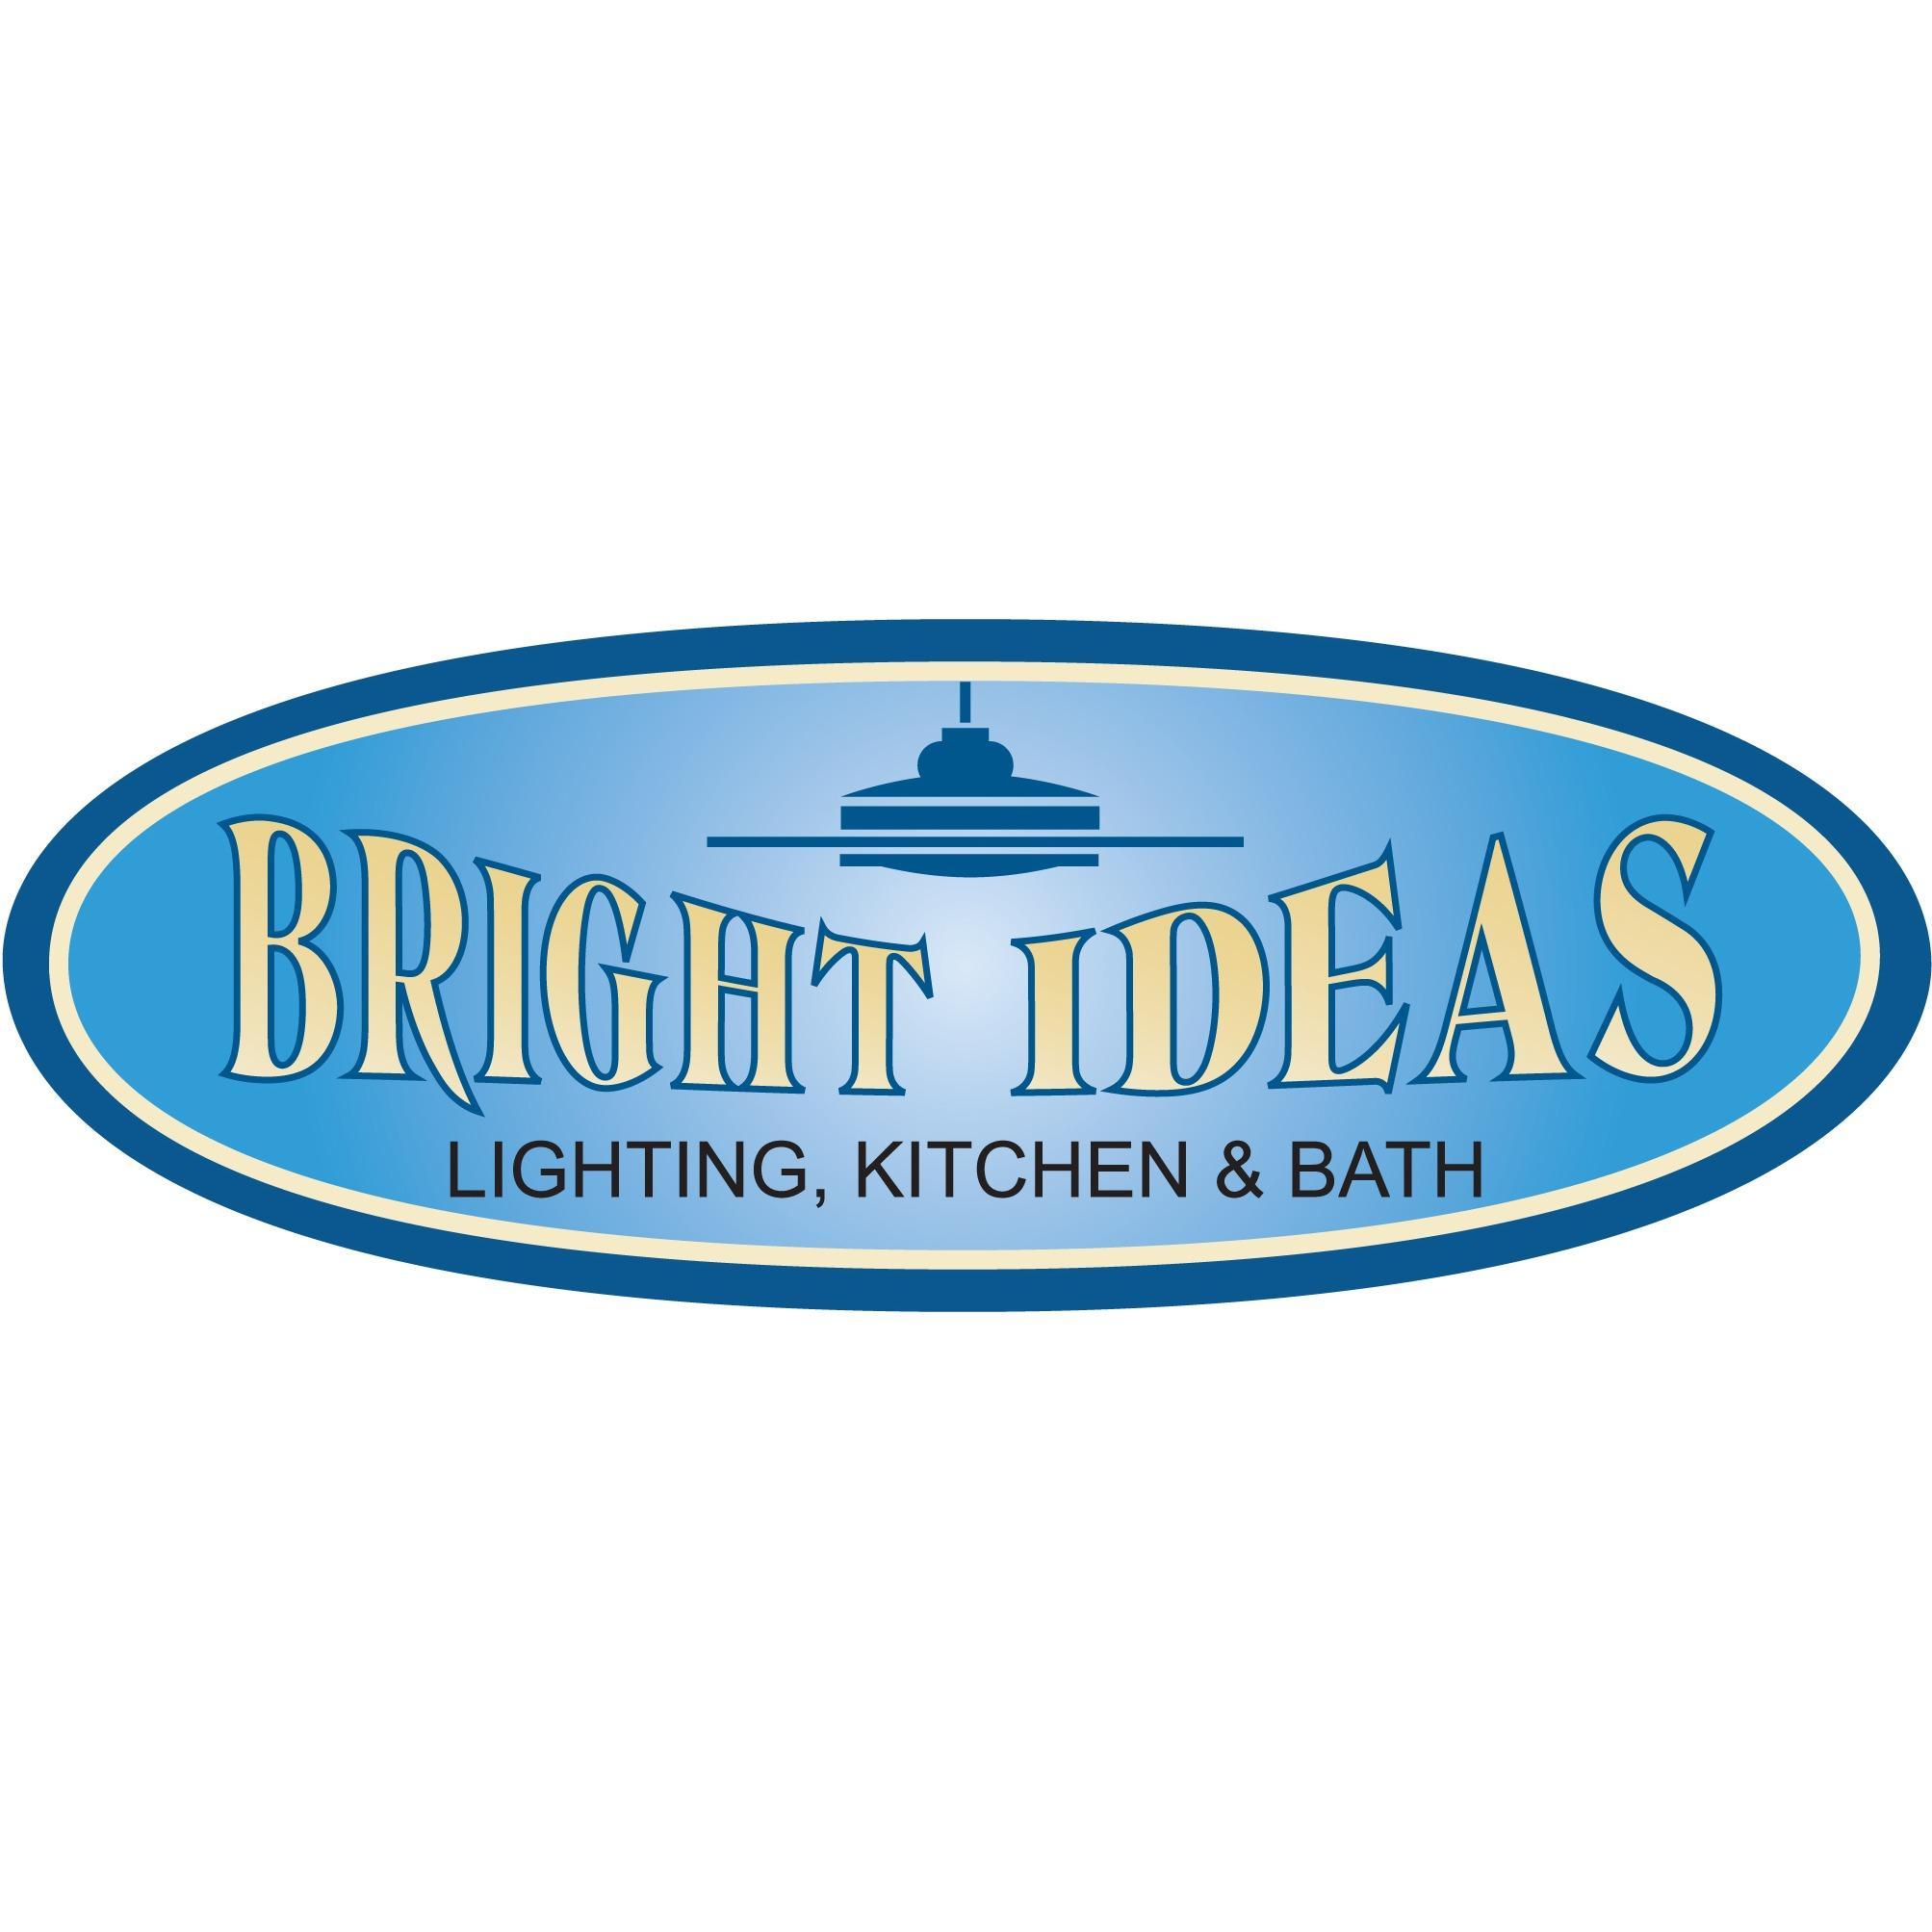 Bright Ideas Lighting, Kitchen & Bath